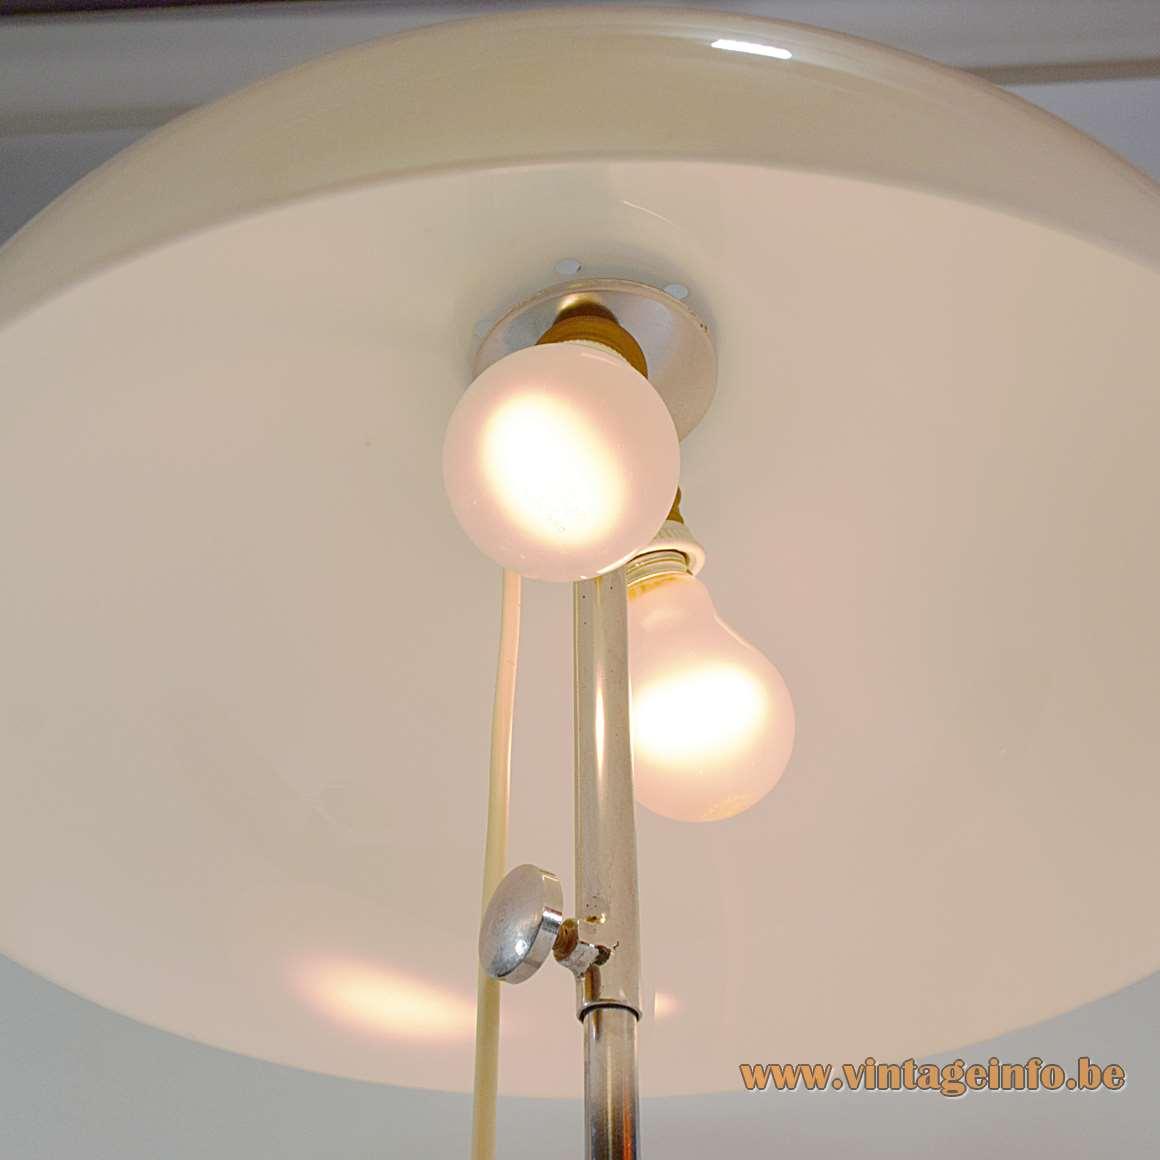 Gepo White Mushroom Table Lamp acrylic chrome round base, screw, rod Netherlands 1960 1970s MCM